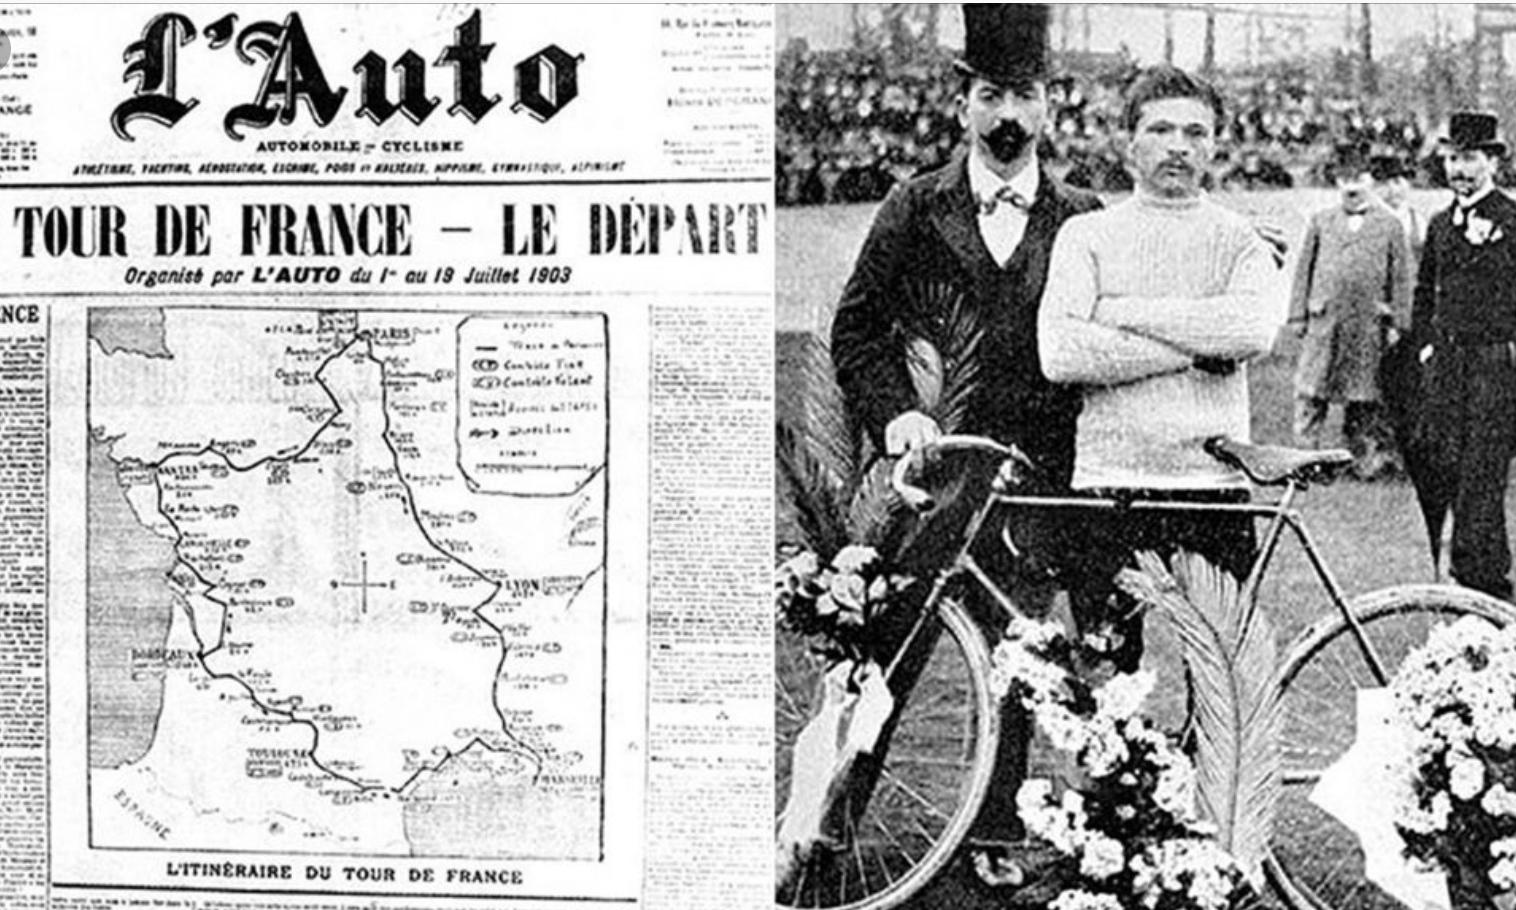 1903 뚜르 드 프랑스 기사.jpg